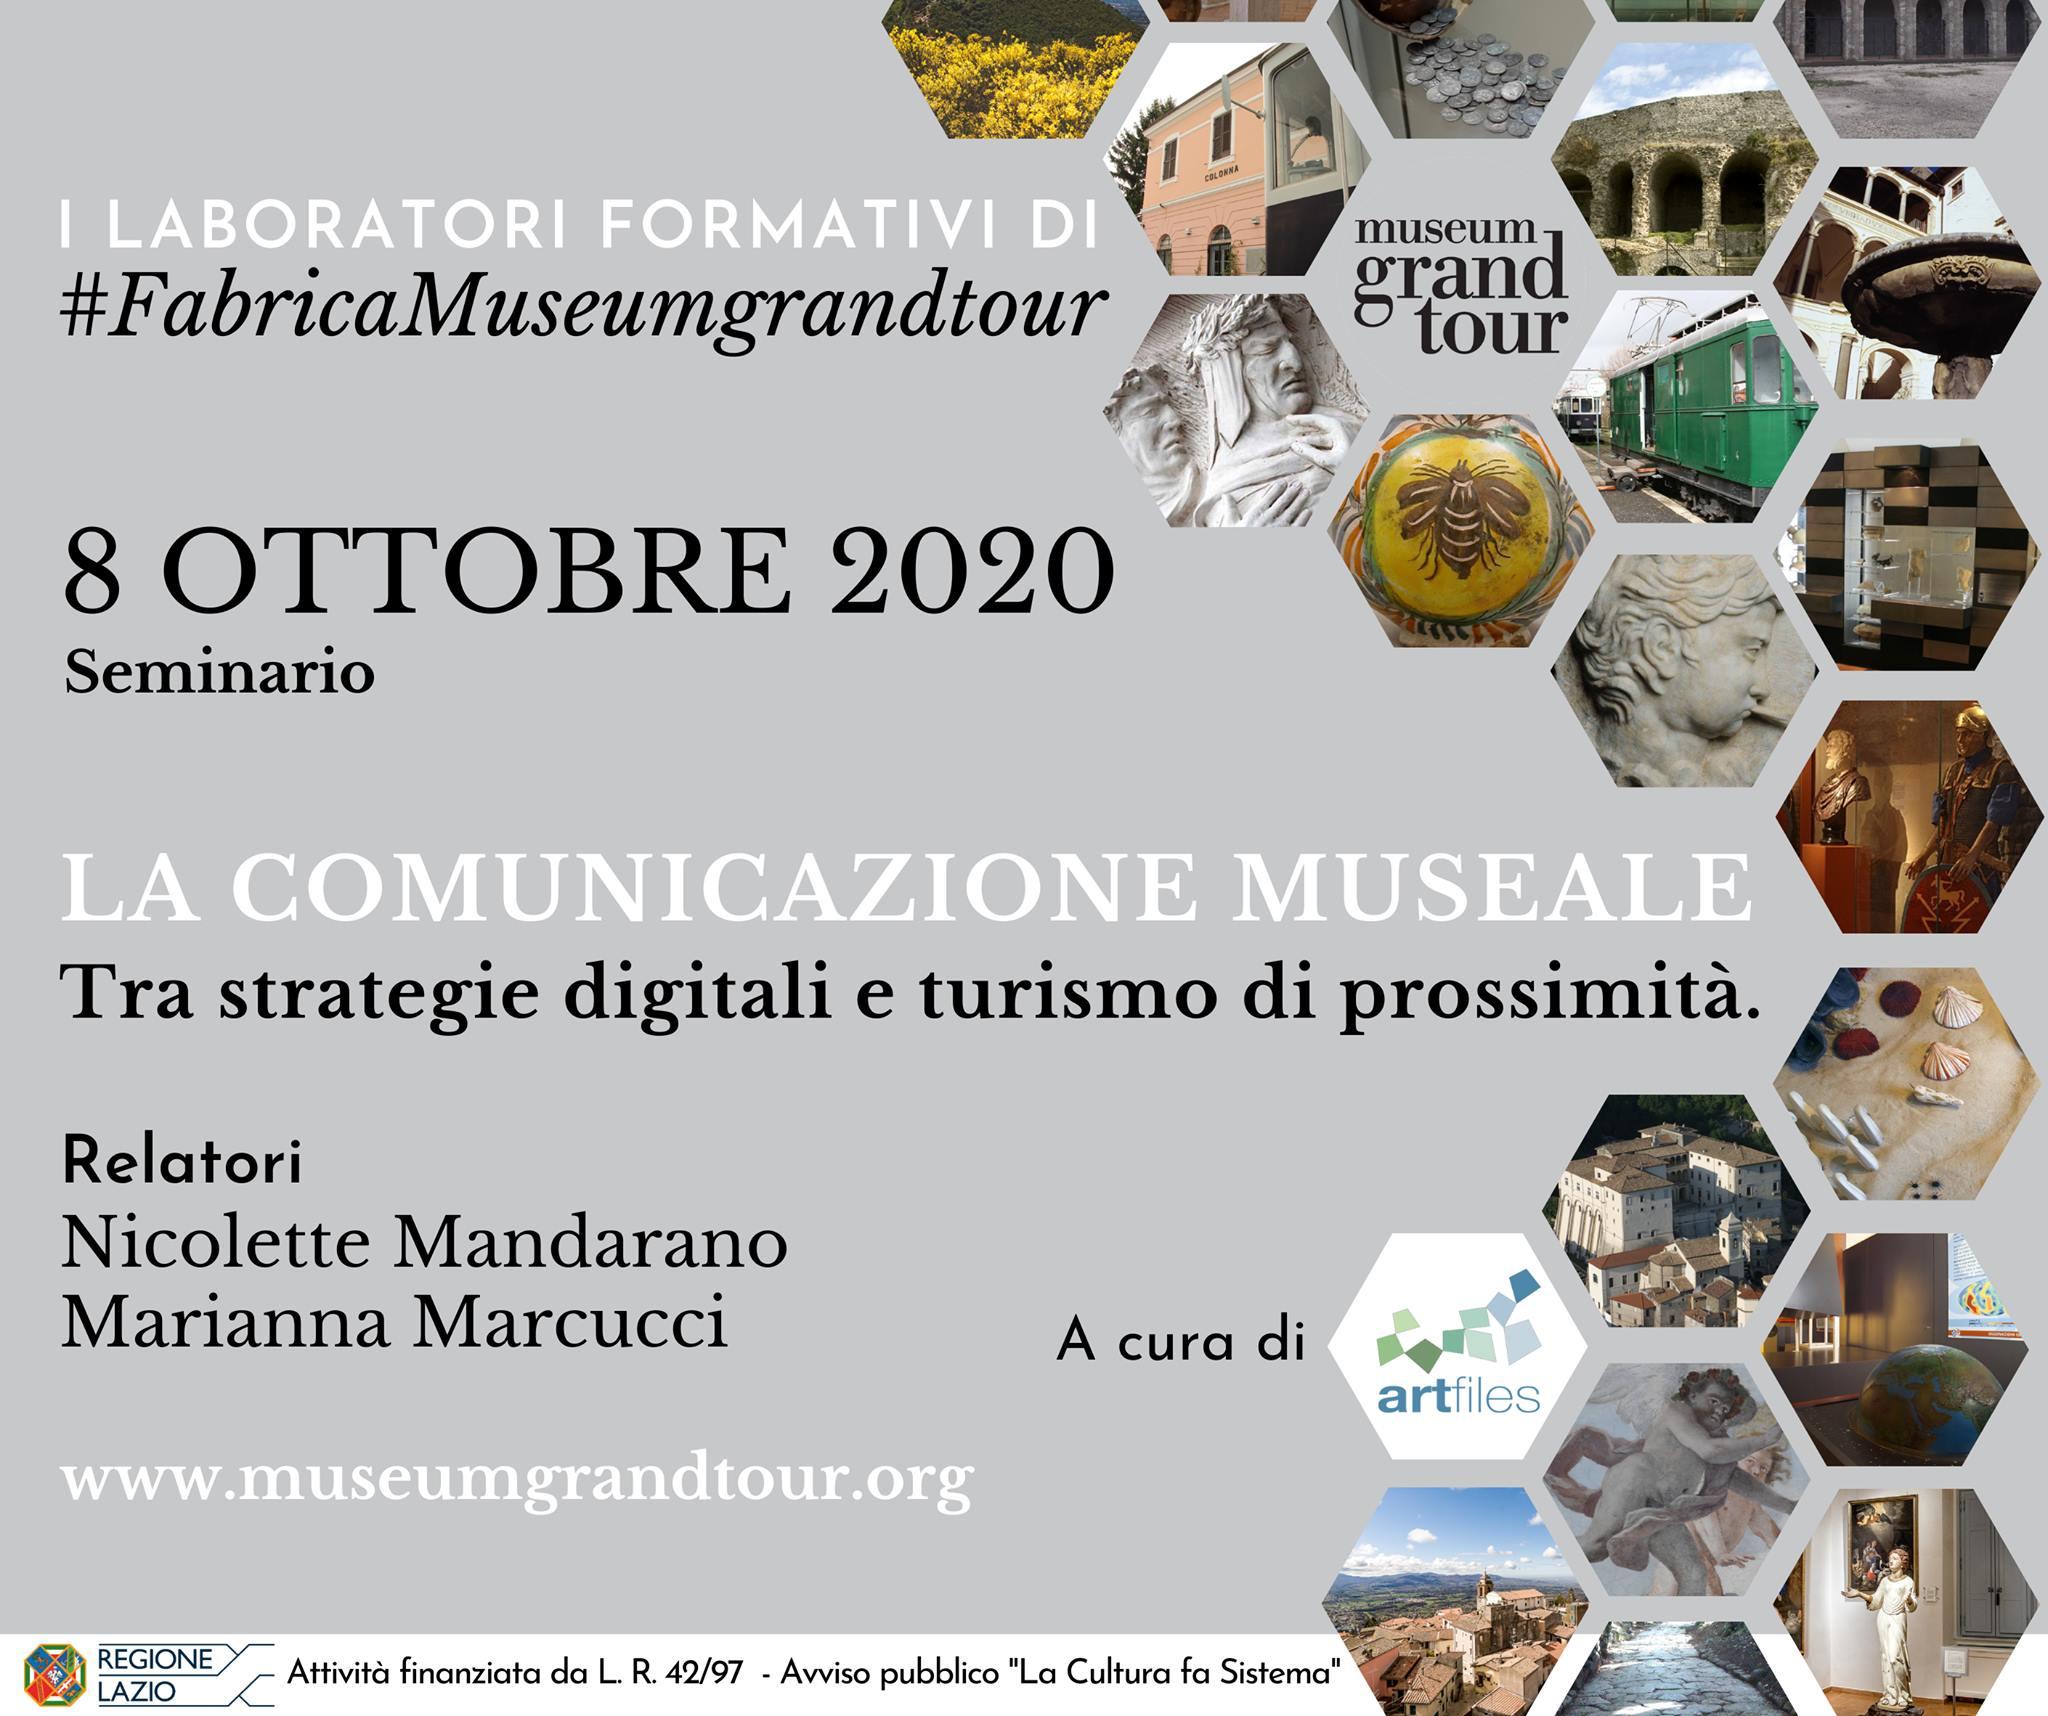 Riprendono i seminari di #FabricaMuseumGrandTour